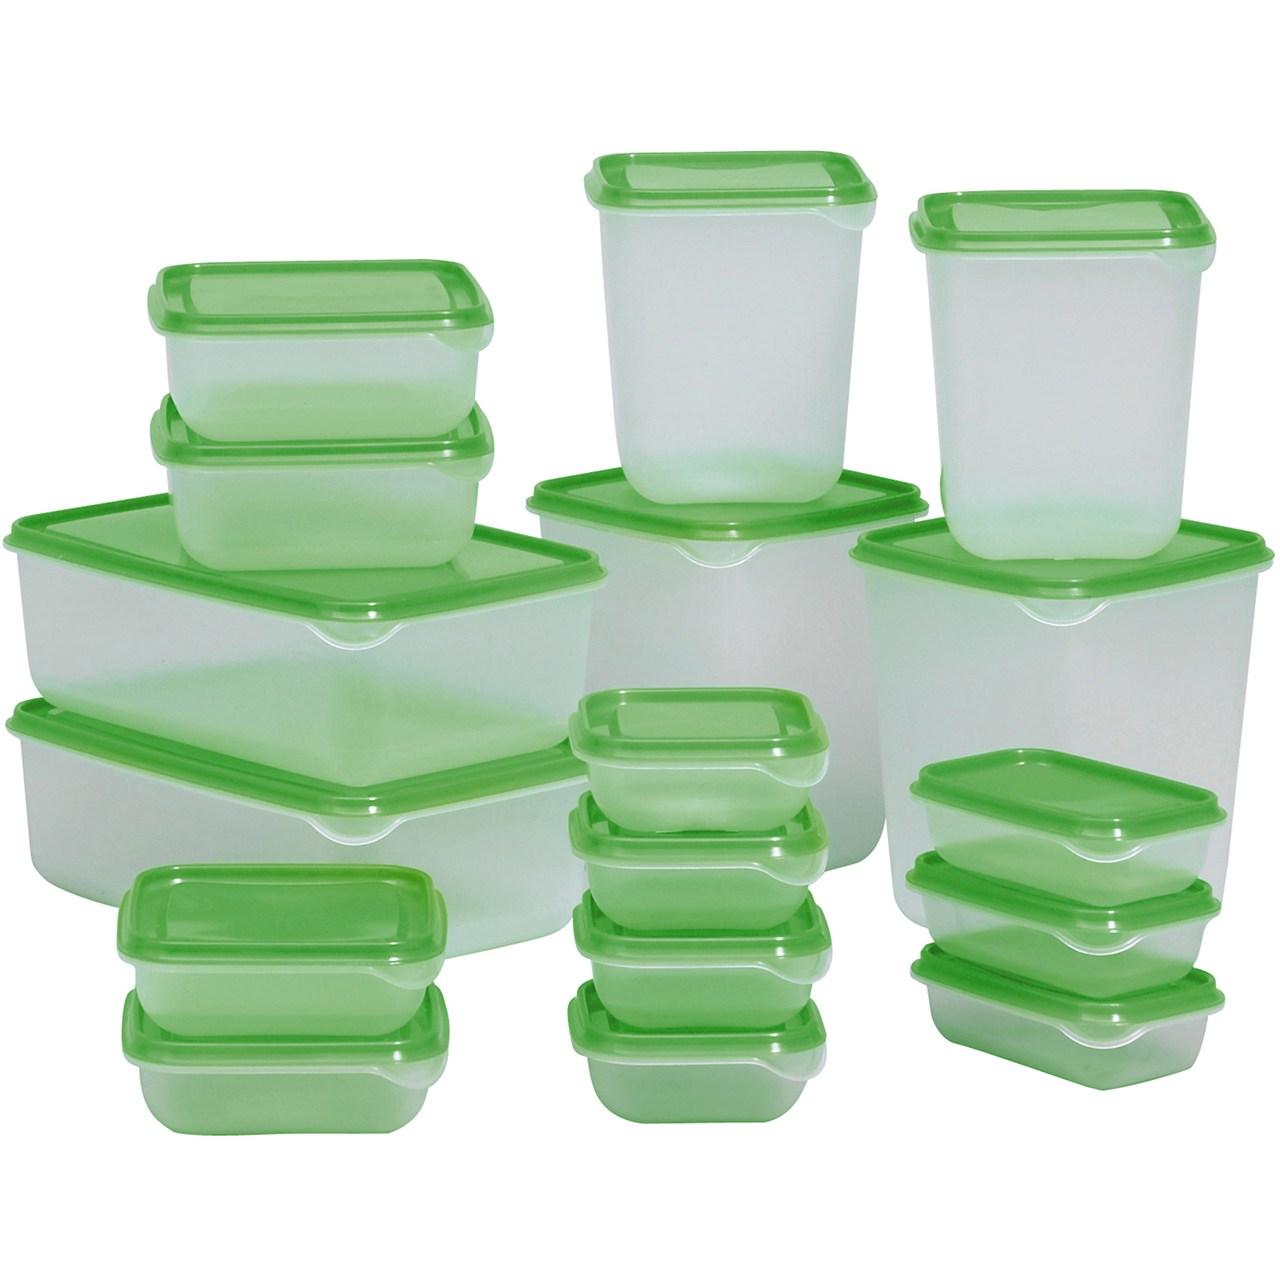 ست 17 تکه ظروف نگهدارنده غذا ایکیا مدل Pruta